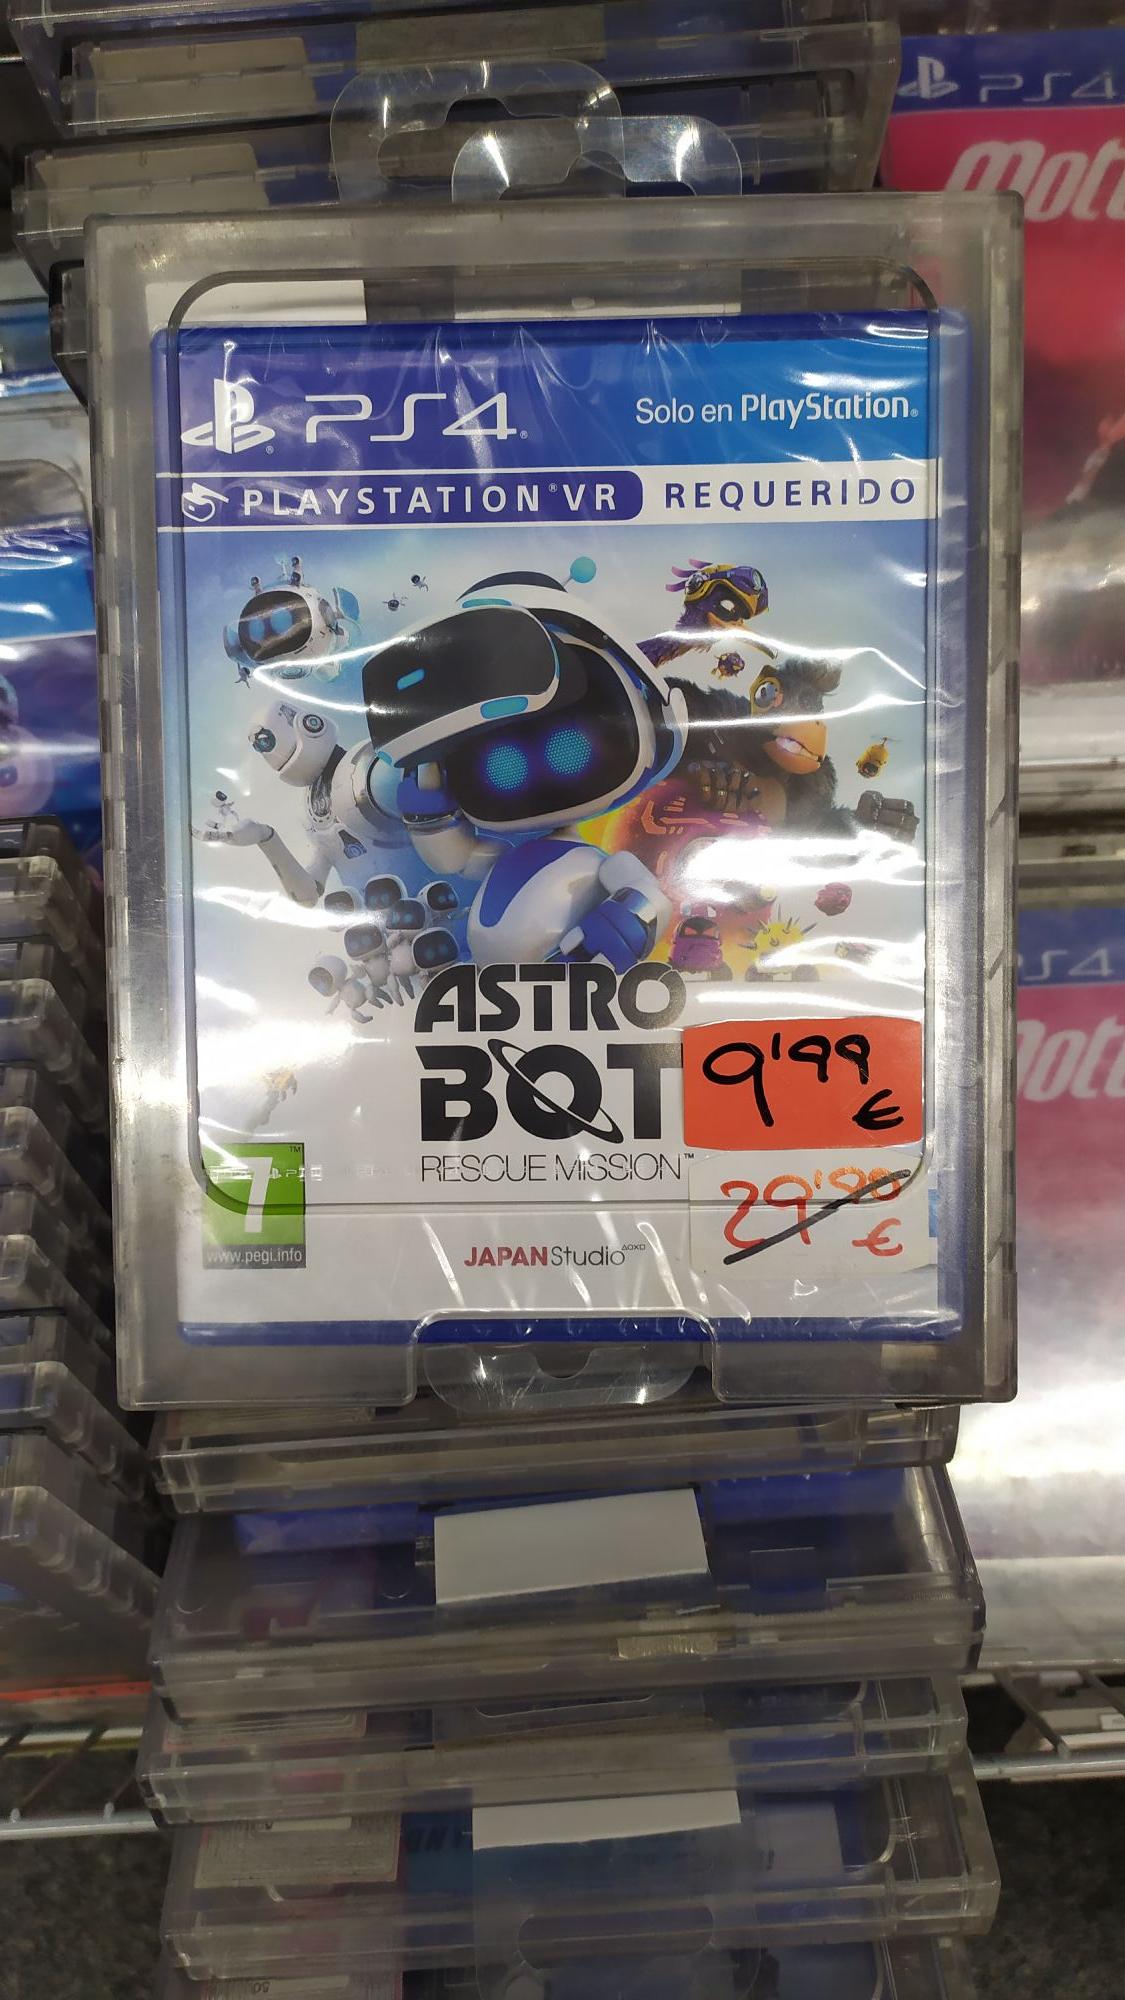 Astro Bot físico Media Markt